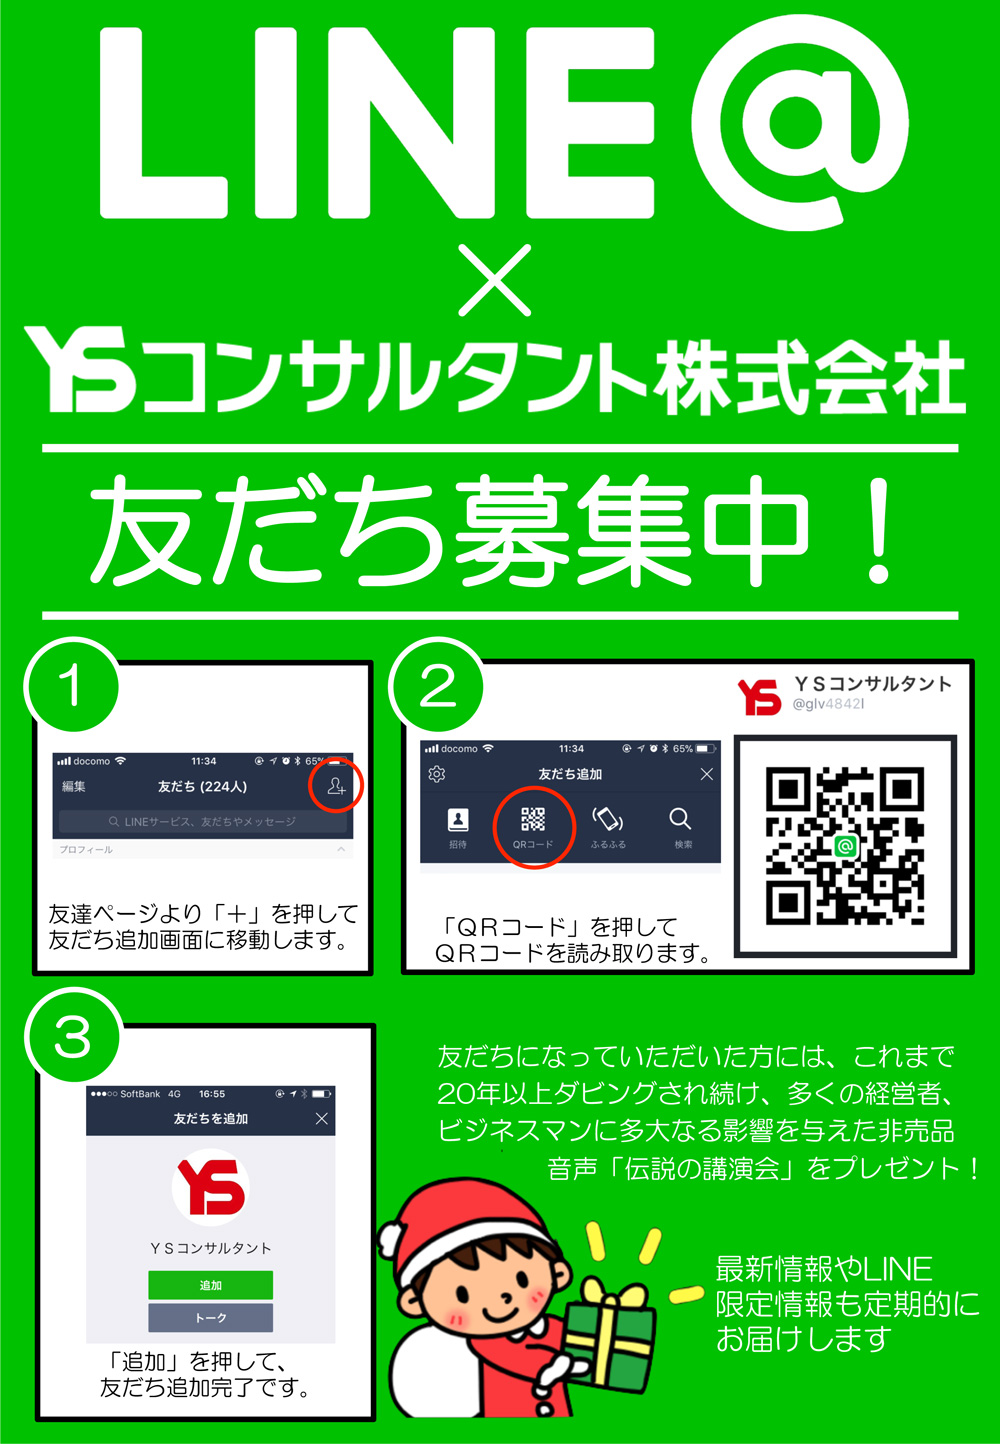 LINE@YSコンサルタント株式会社 友だち募集中!